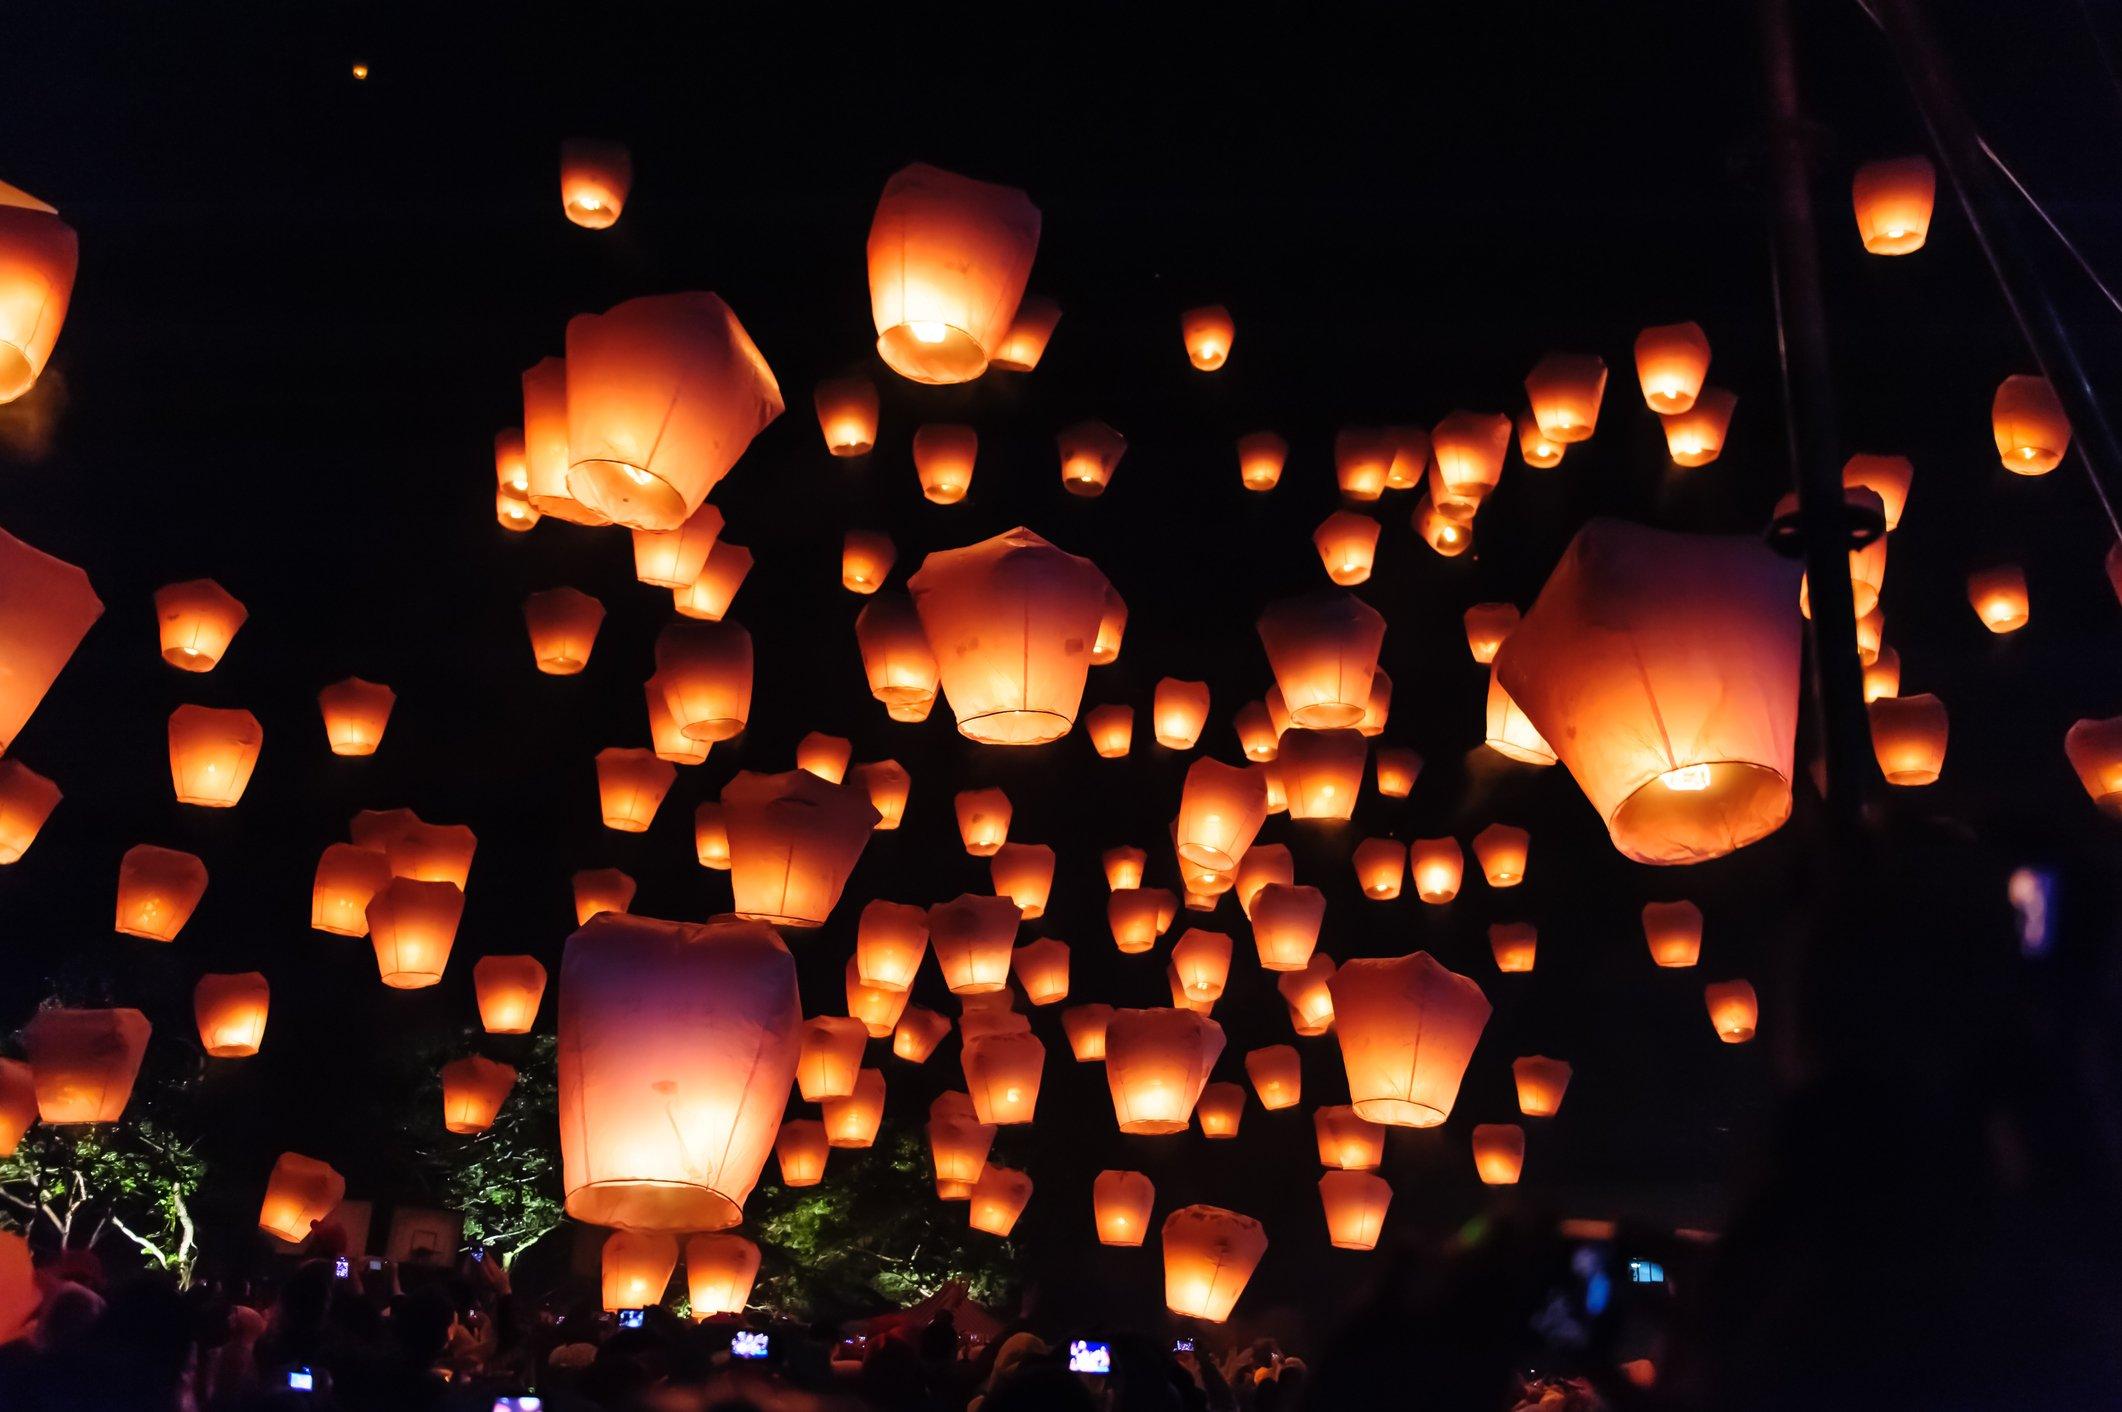 Lantern festival in Taiwan